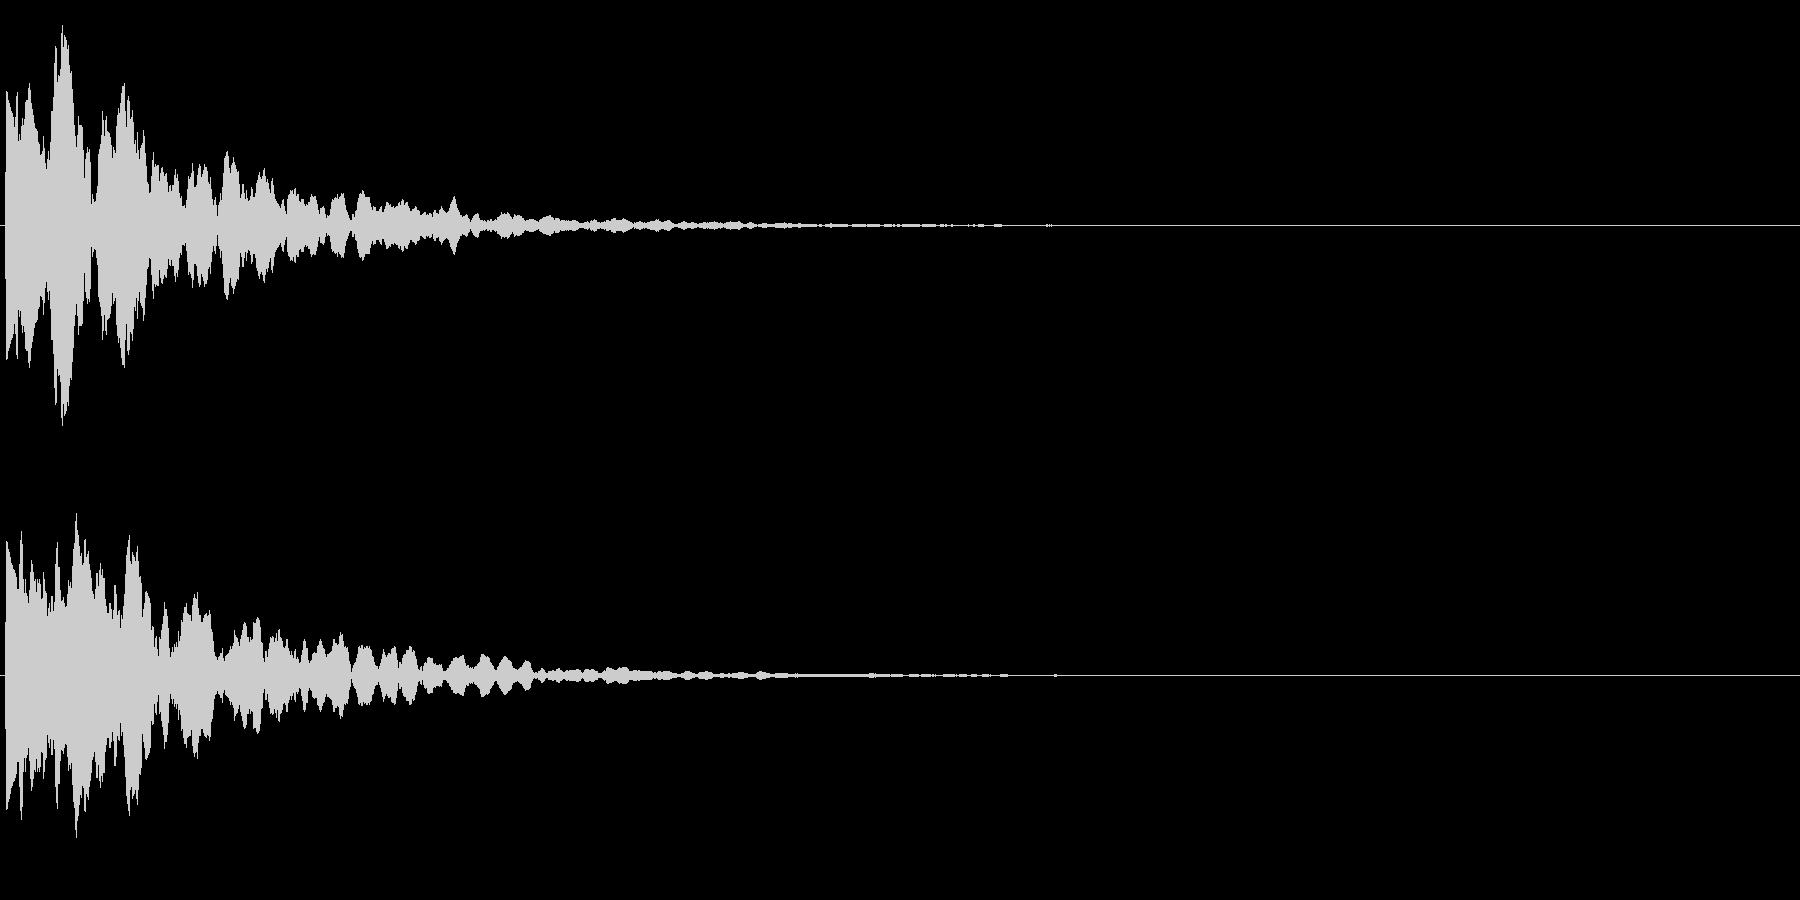 ゲームスタート、決定、ボタン音-055の未再生の波形